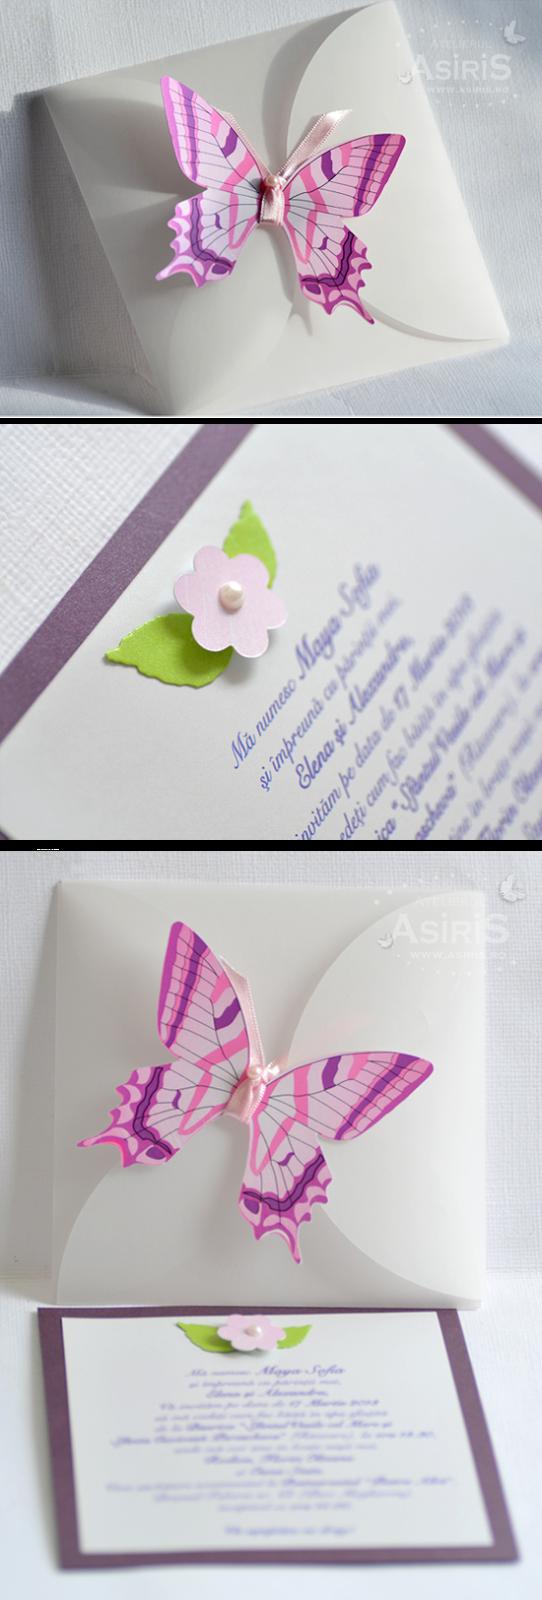 Invitatii de botez pentru fetita cu fluturas compuse din plic din calc decorat cu fluturas, invitatie carton mov si alb sidefat decorata in relief cu floare roz si frunze decupate